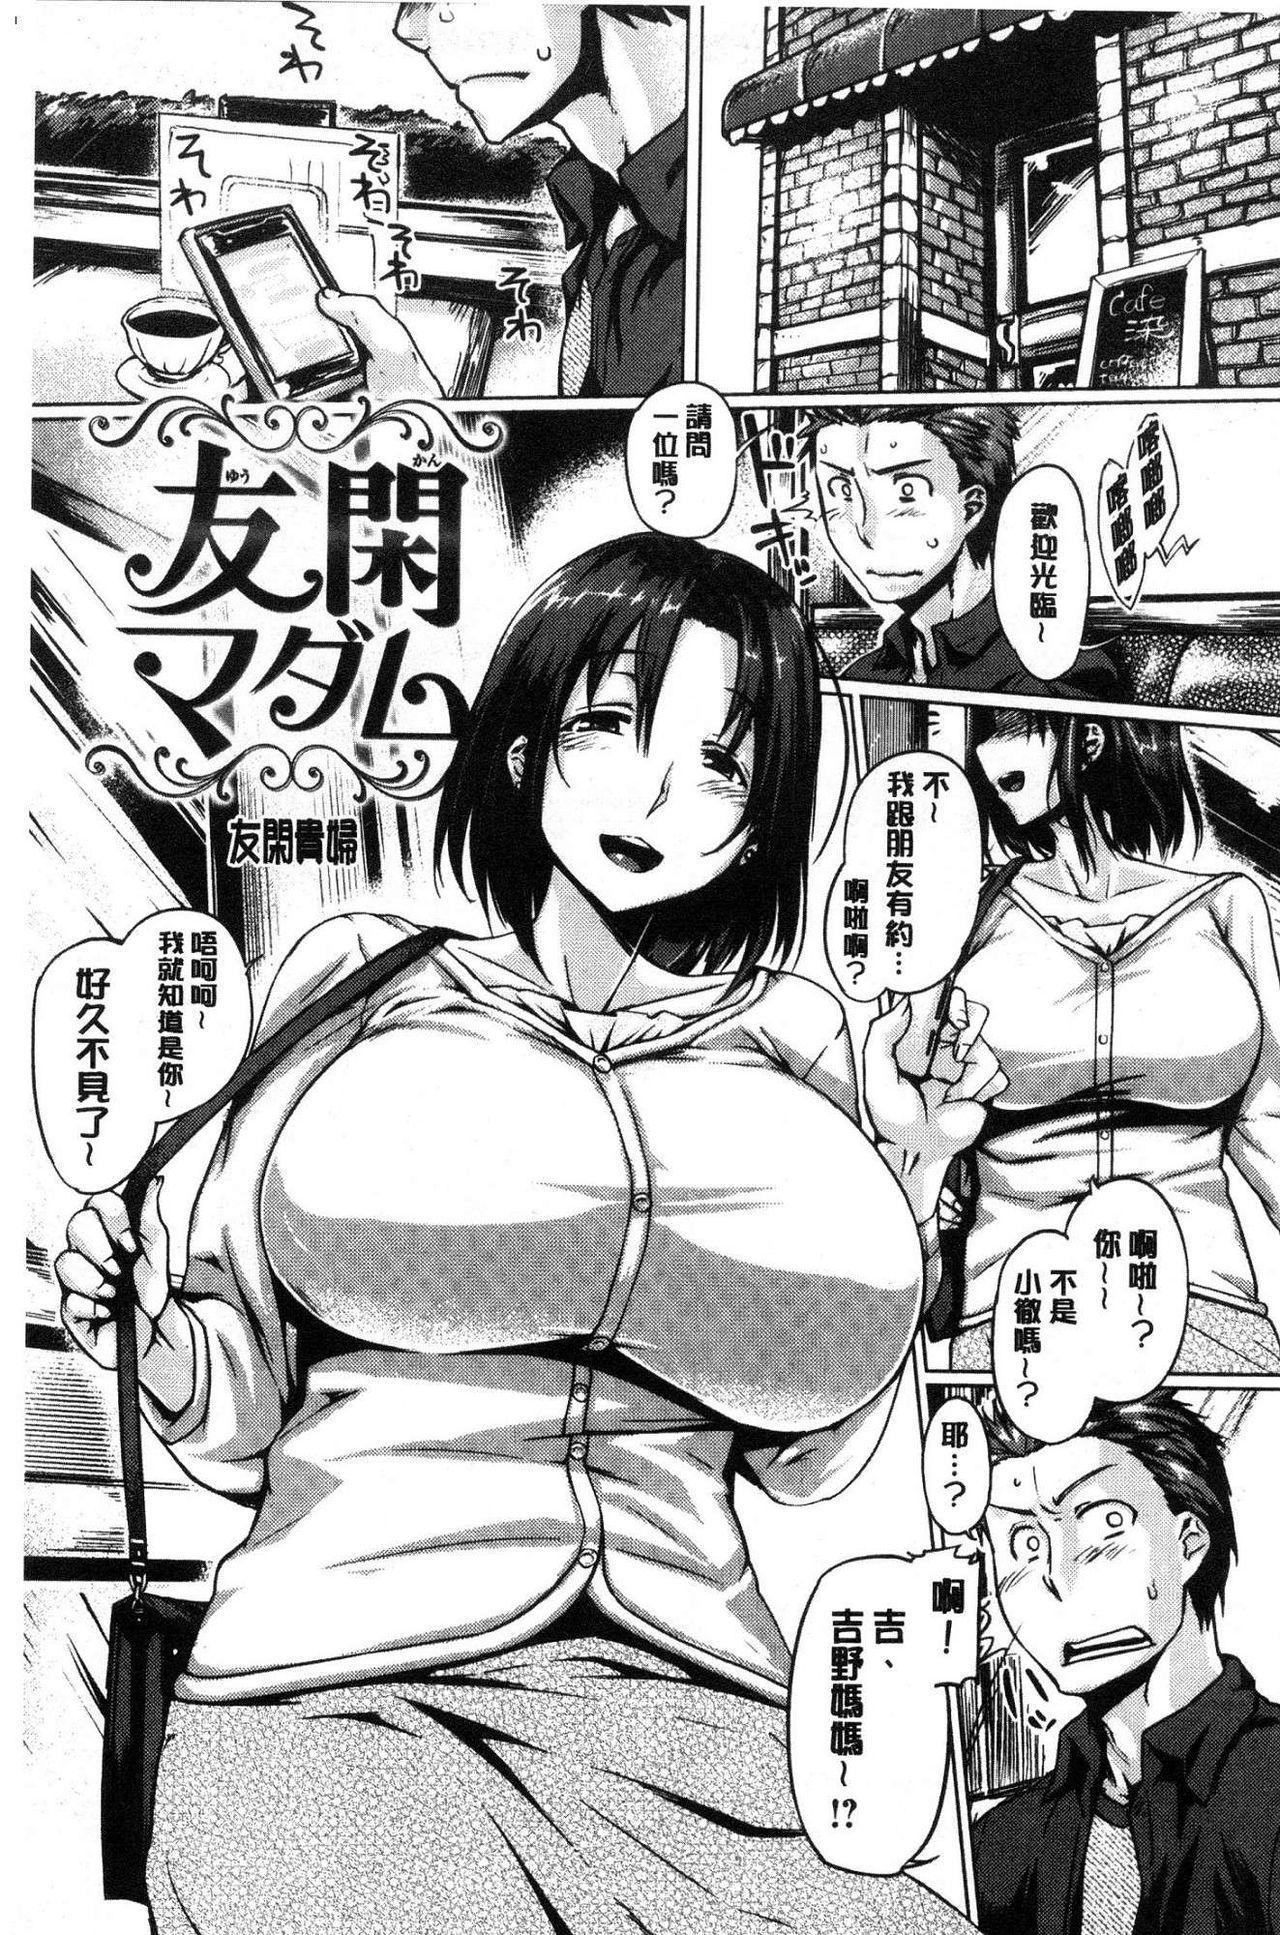 Chichi Shiri Futomomo 19